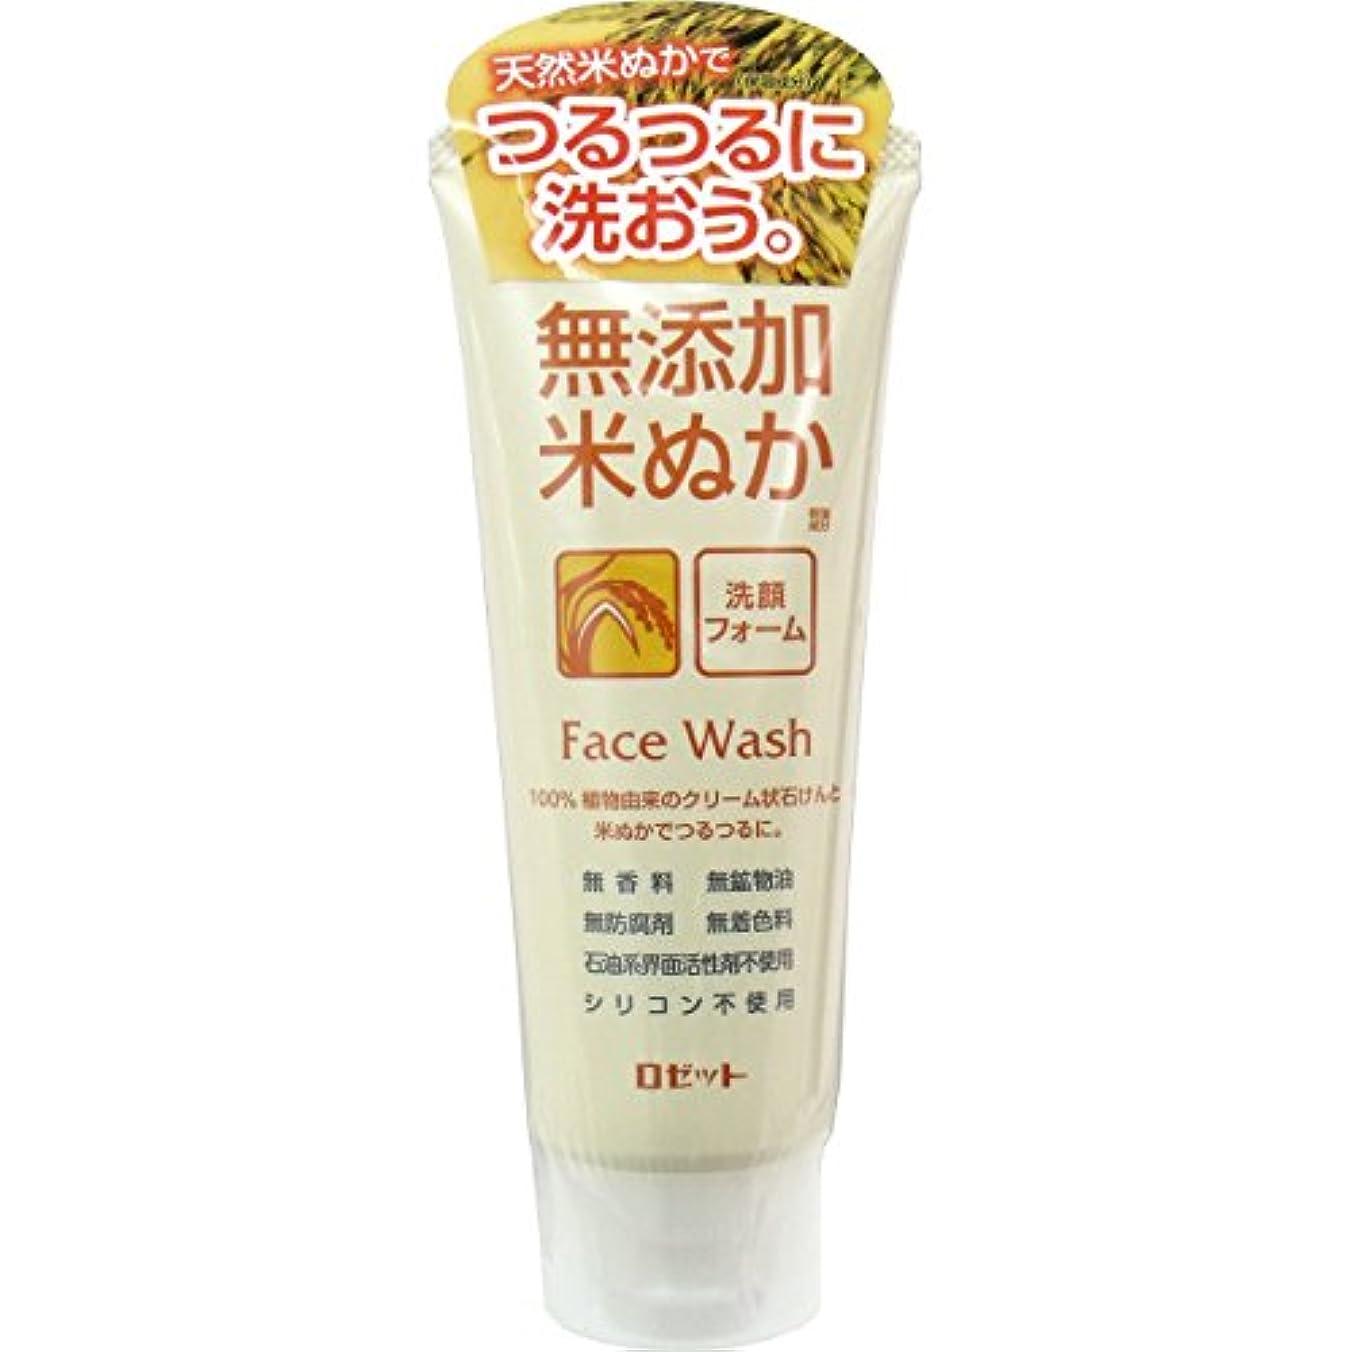 あいさつ中央所属【ロゼット】無添加米ぬか洗顔フォーム 140g ×20個セット